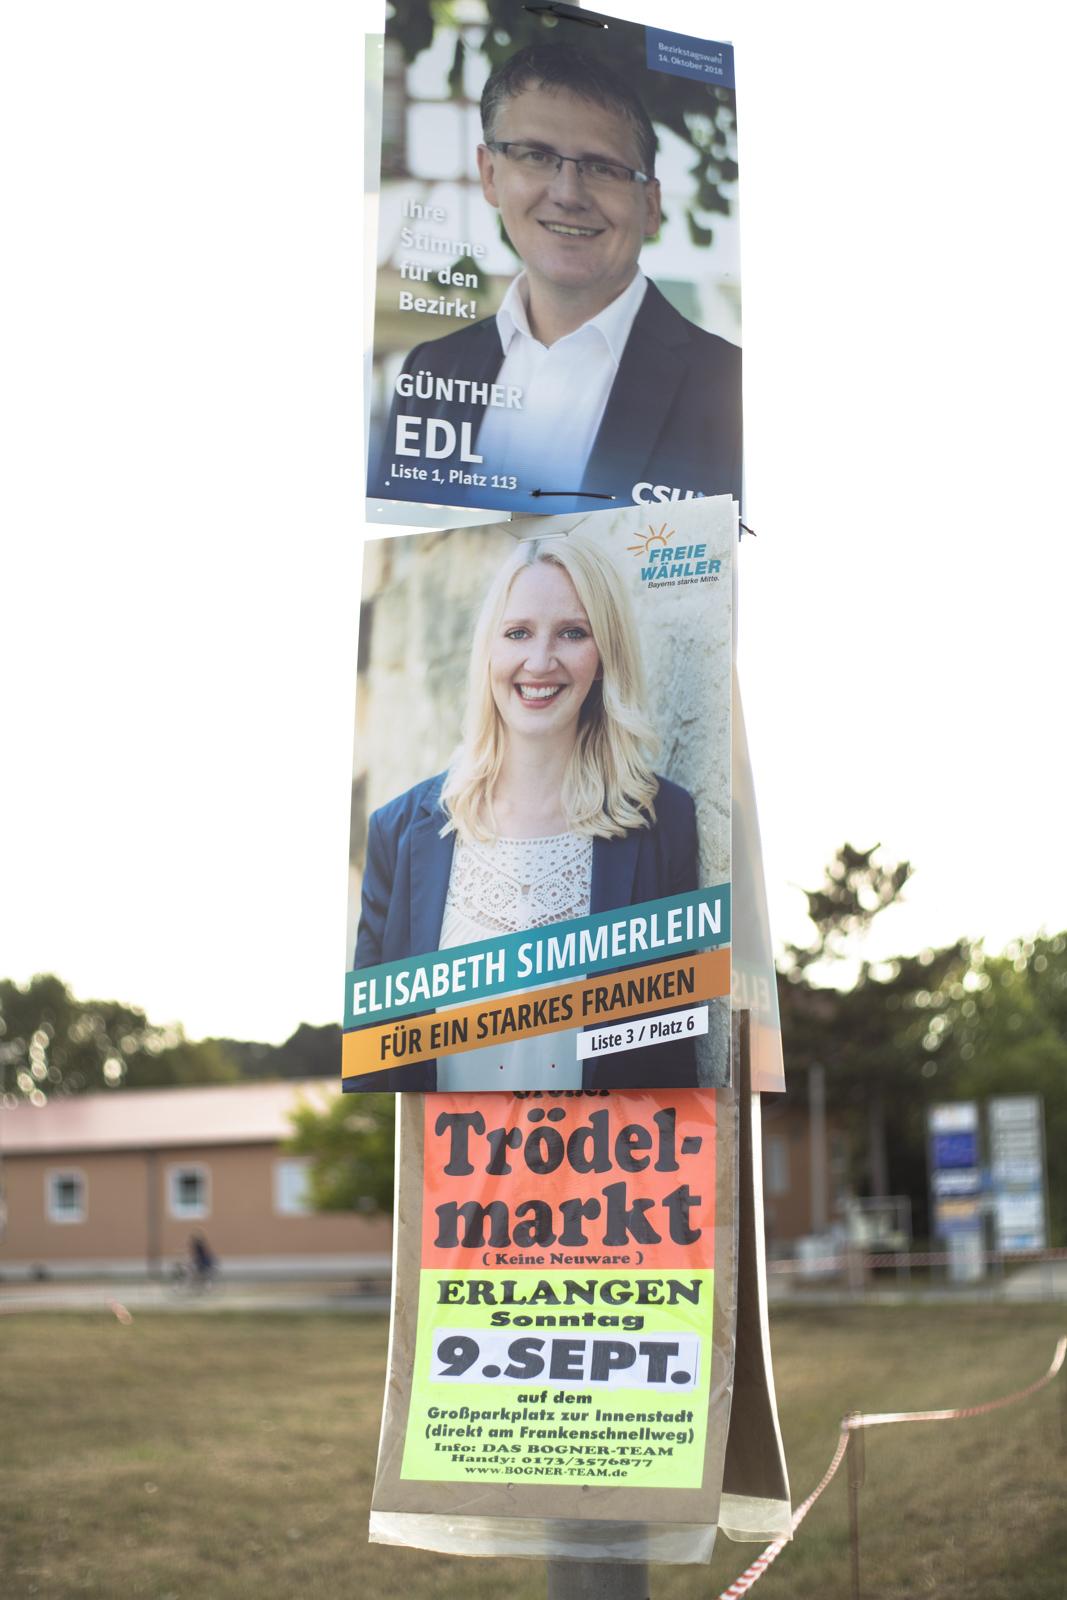 CSU Günther Edl, Freie Wähler Elisabeth Simmerlein – Landtag